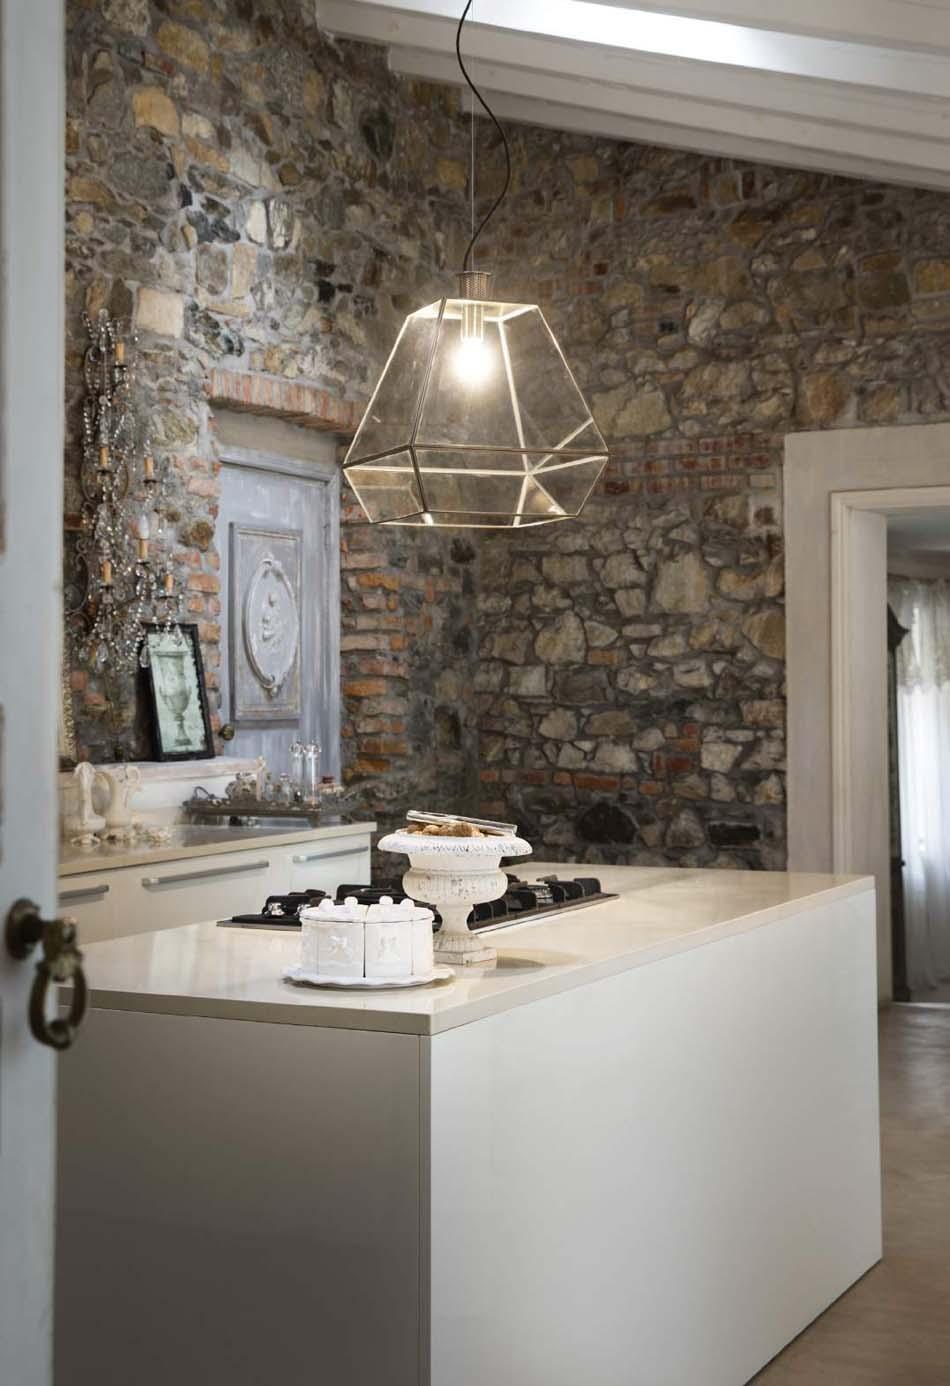 Lampade sospensione Ideal Lux orangerie – Bruni Arredamenti